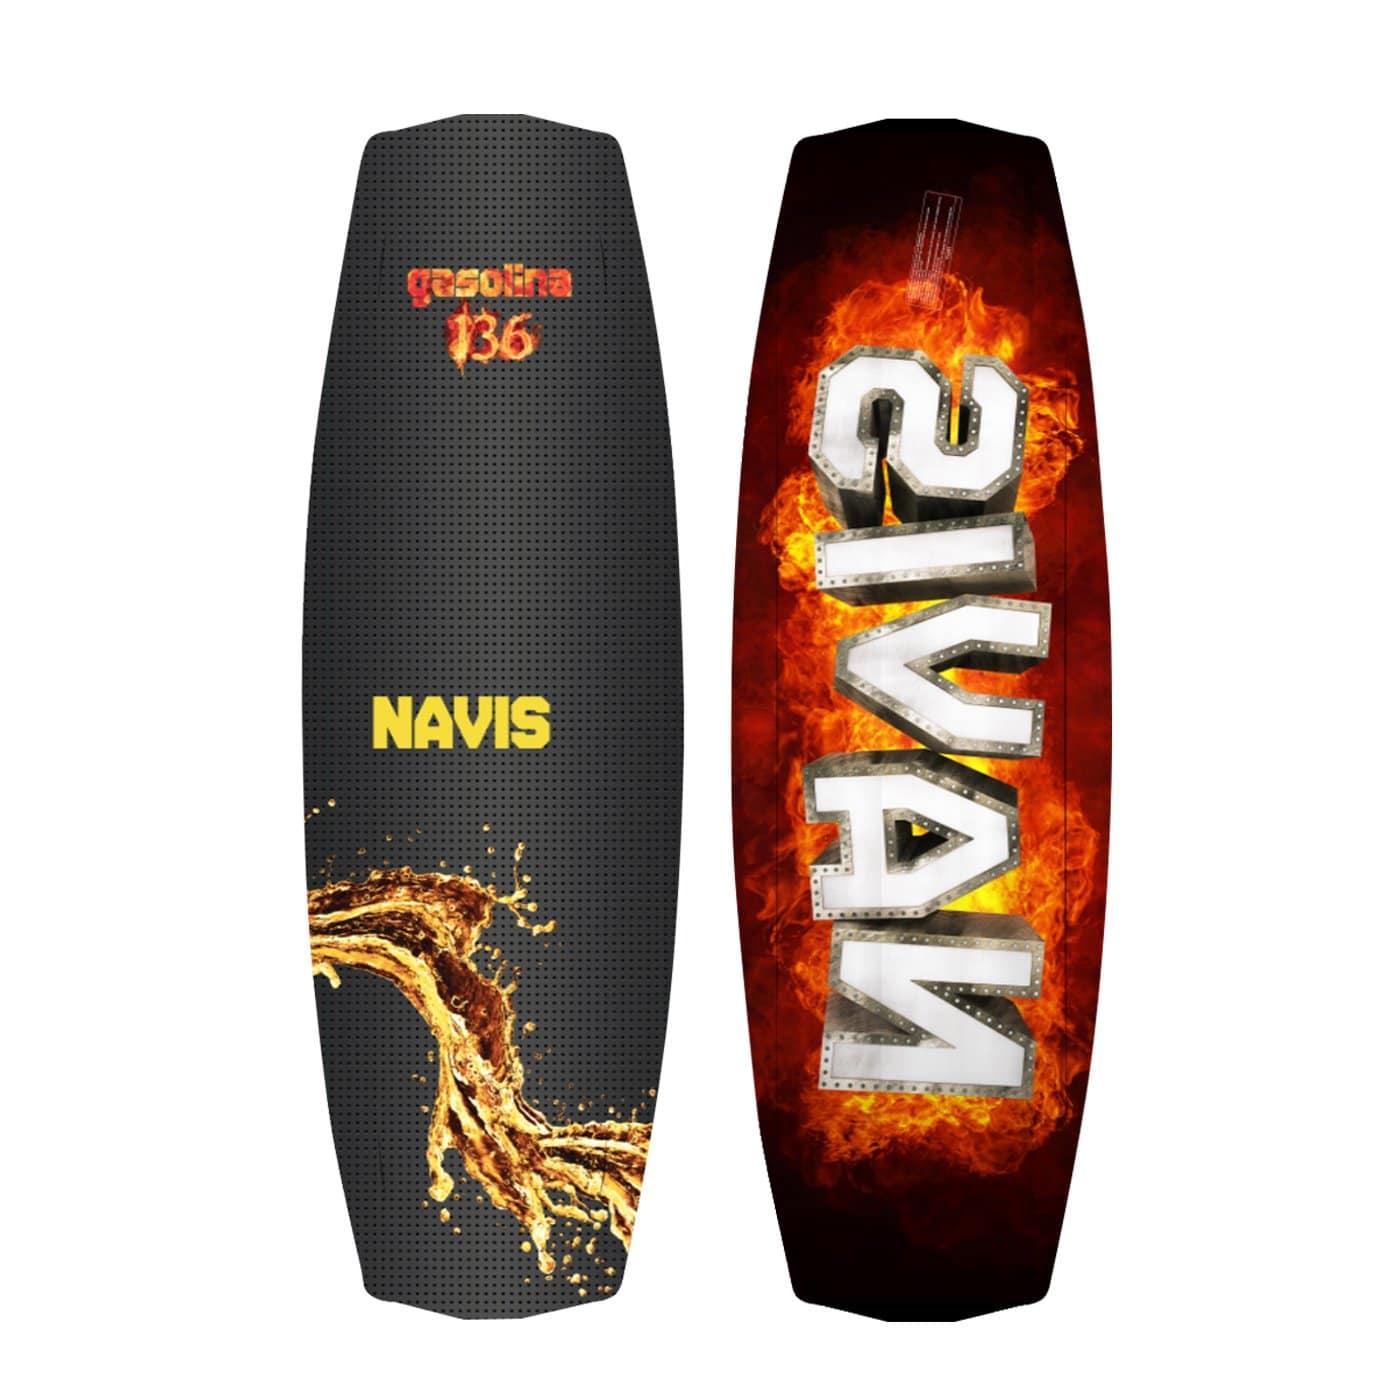 Prancha de Wakeboard Navis - Gasolina 136cm